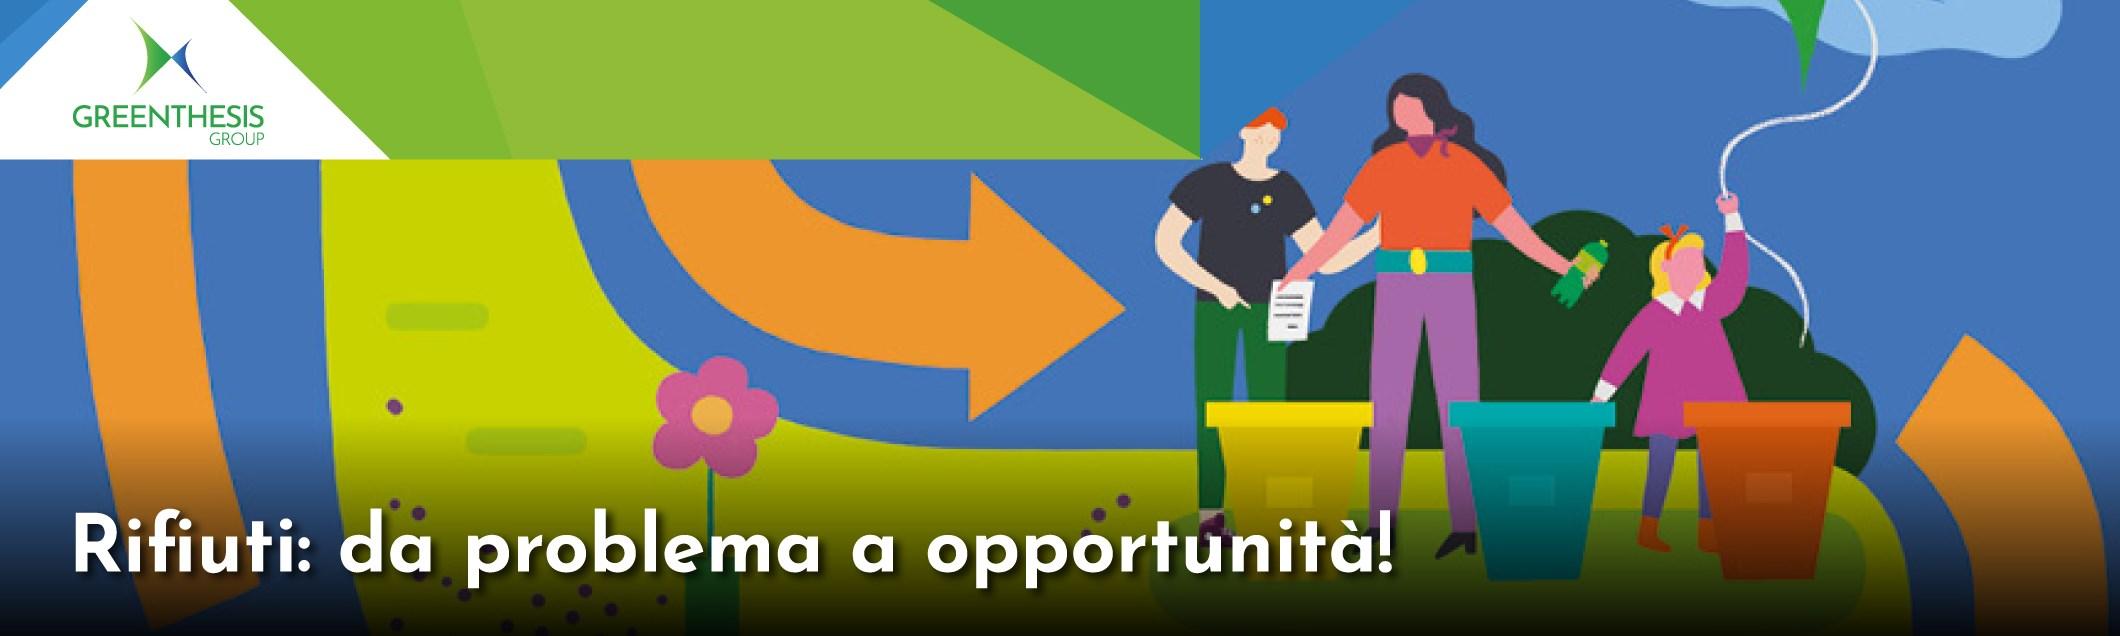 Rifiuti: da problema a opportunità!